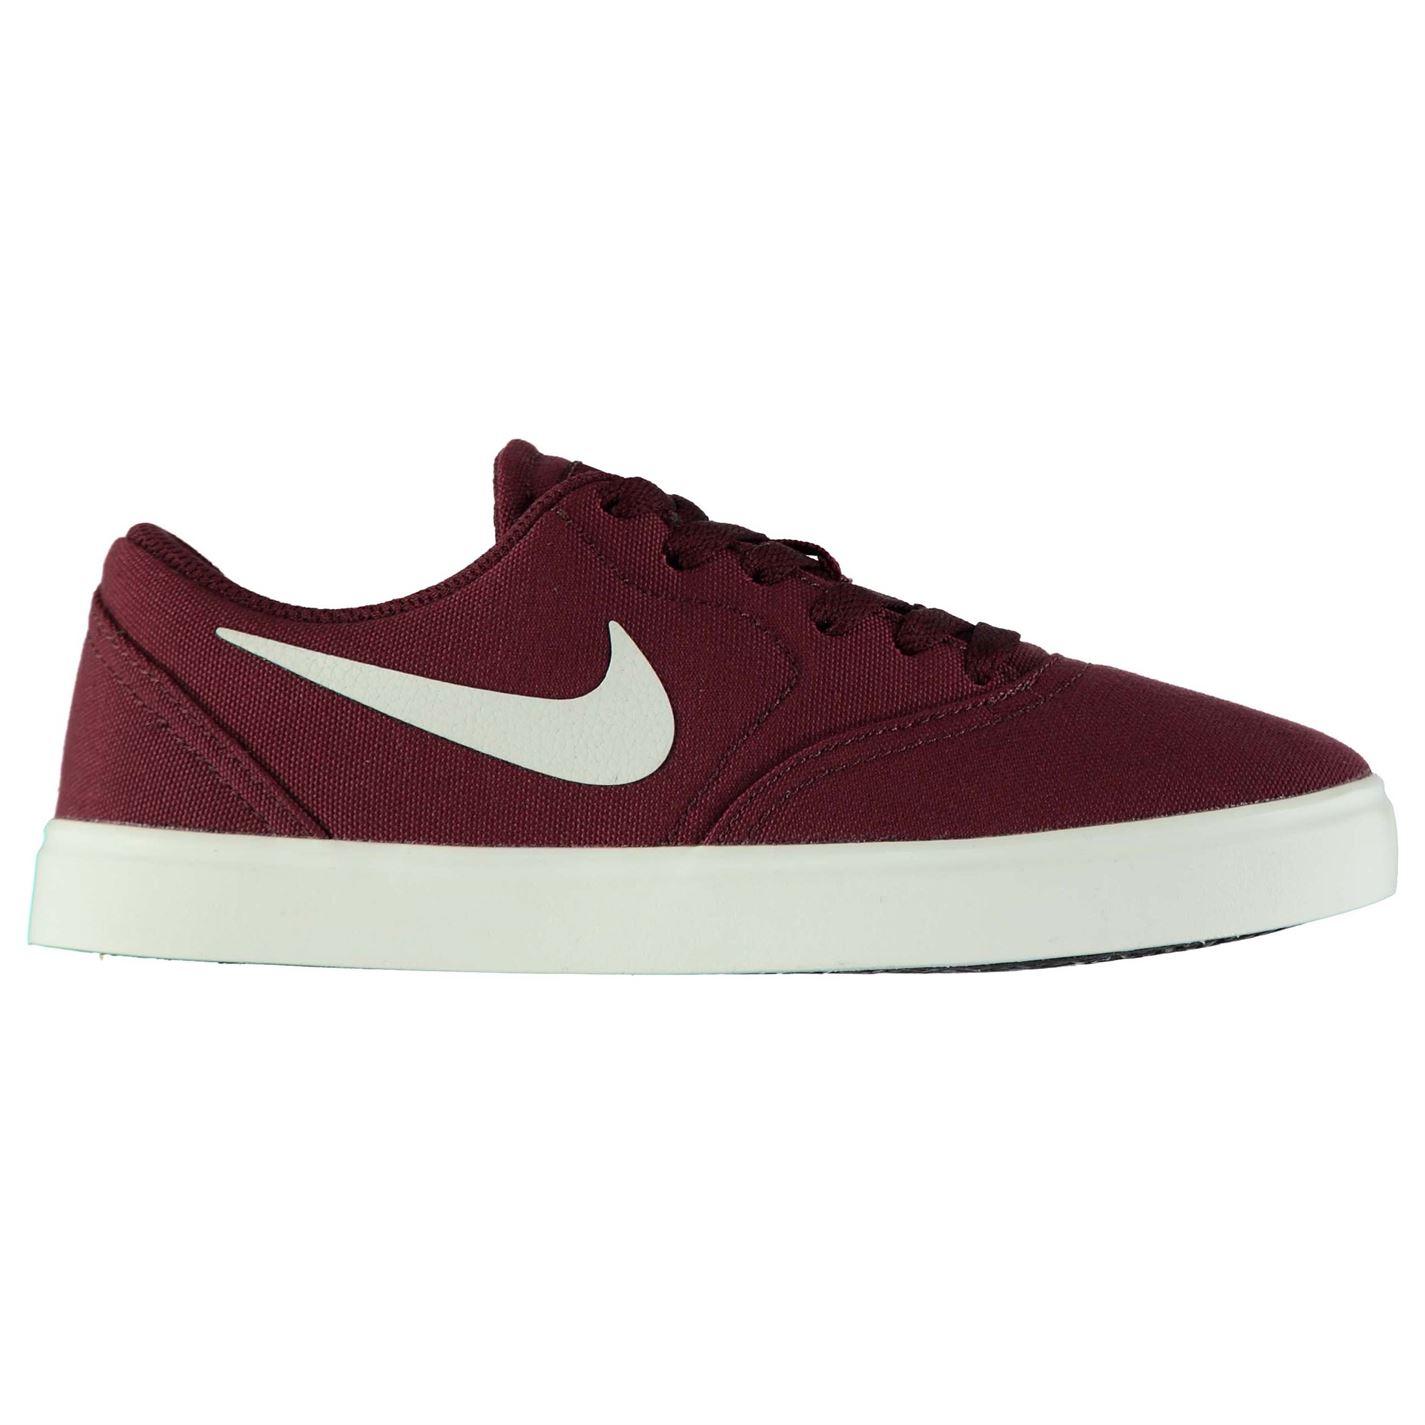 ae55b3952ea Boty Nike SB Check Canvas Skate Shoes Junior Boys - Glami.cz